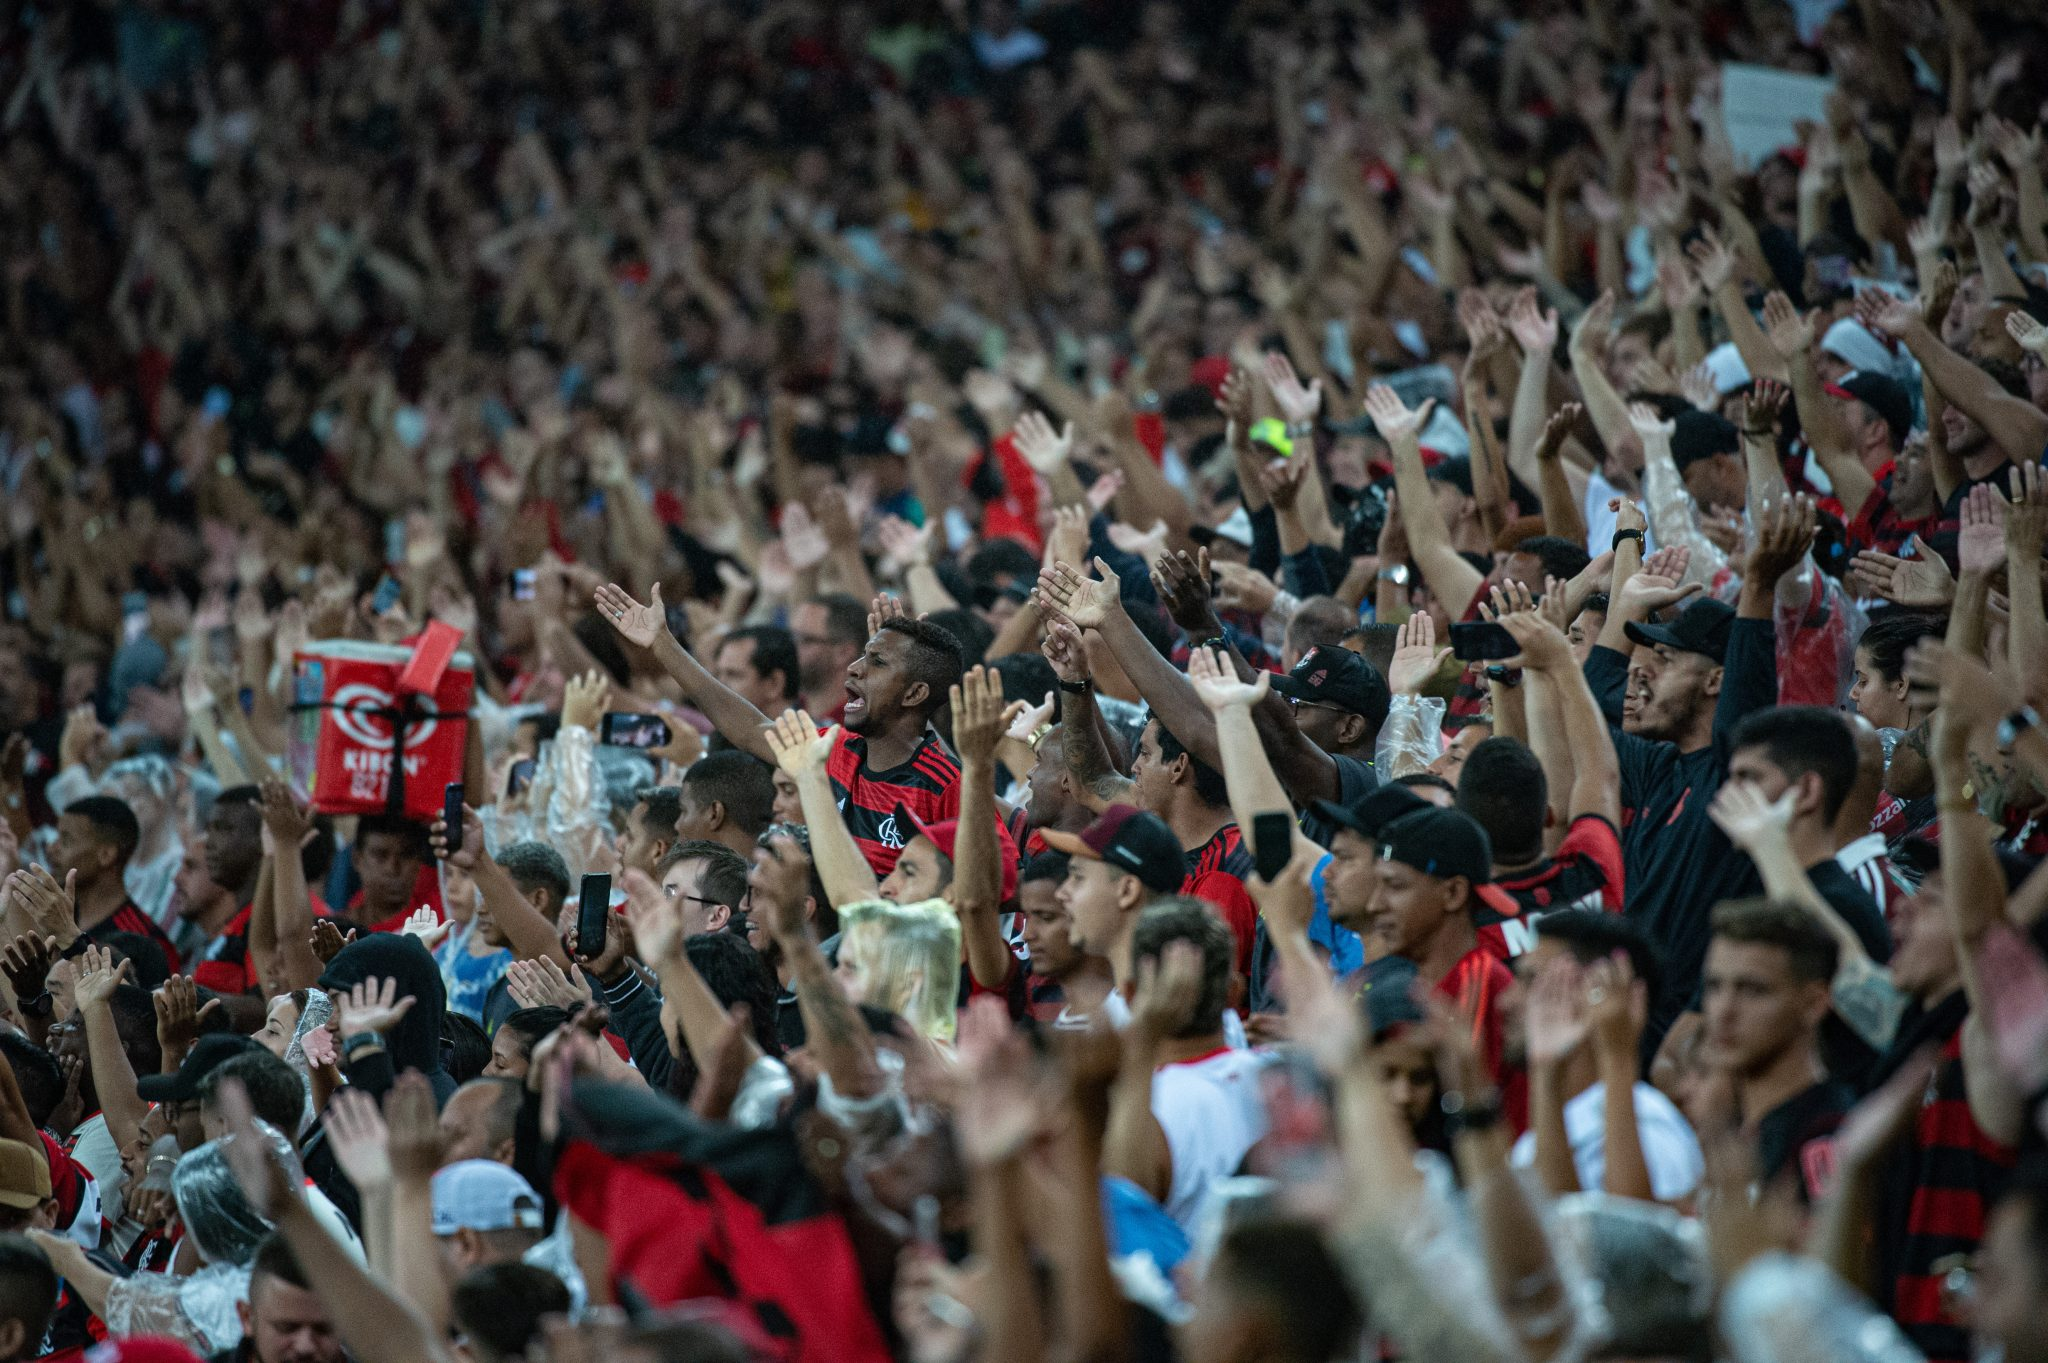 Vai lotar! Flamengo divulga parcial de ingressos vendidos para final da Taça Guanabara